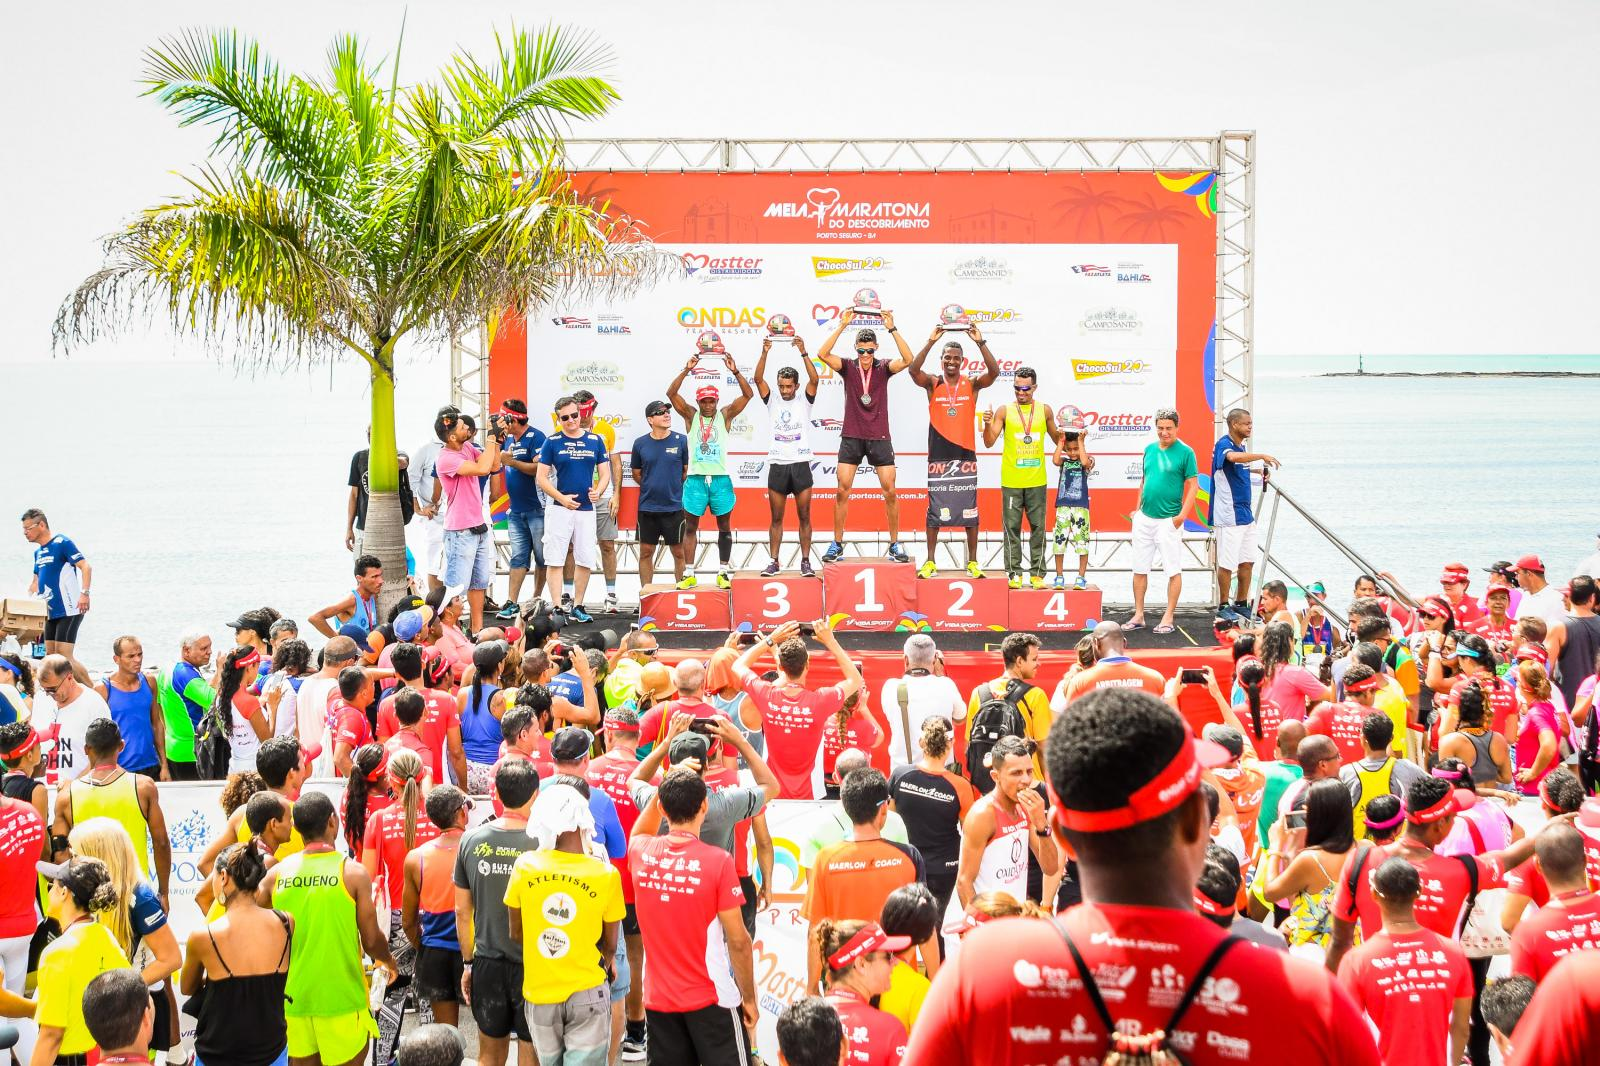 Categoria indígenas é um dos  destaque Meia Maratona do Descobrimento